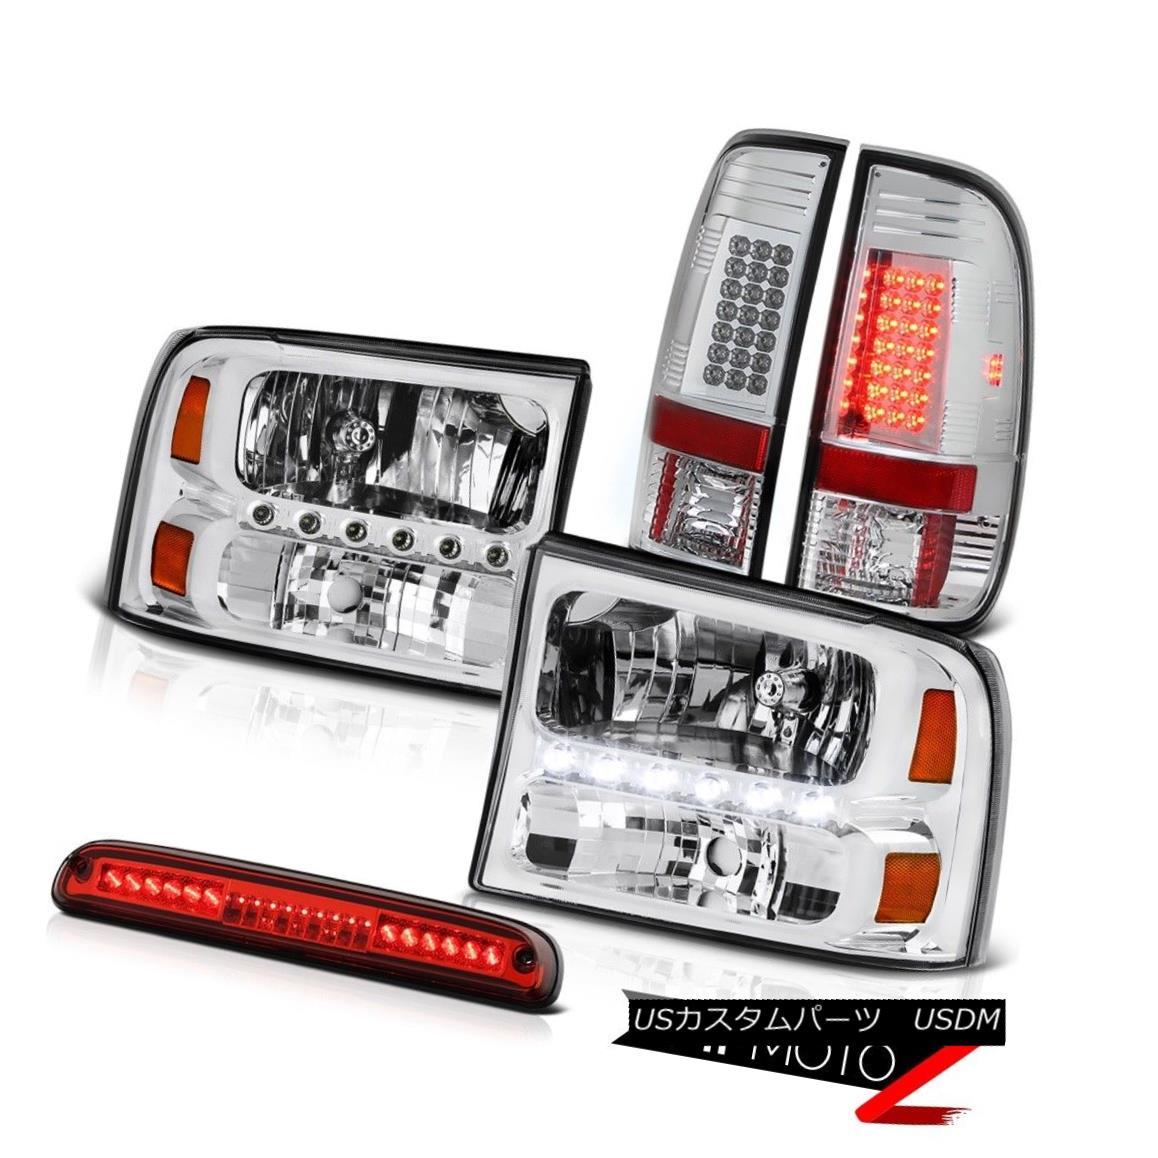 ヘッドライト Euro Chrome Headlights LED Taillamp Third Brake Cargo 1999-2004 Ford F350 SD ユーロクロームヘッドライトLED Taillamp Third Brake Cargo 1999-2004 Ford F350 SD